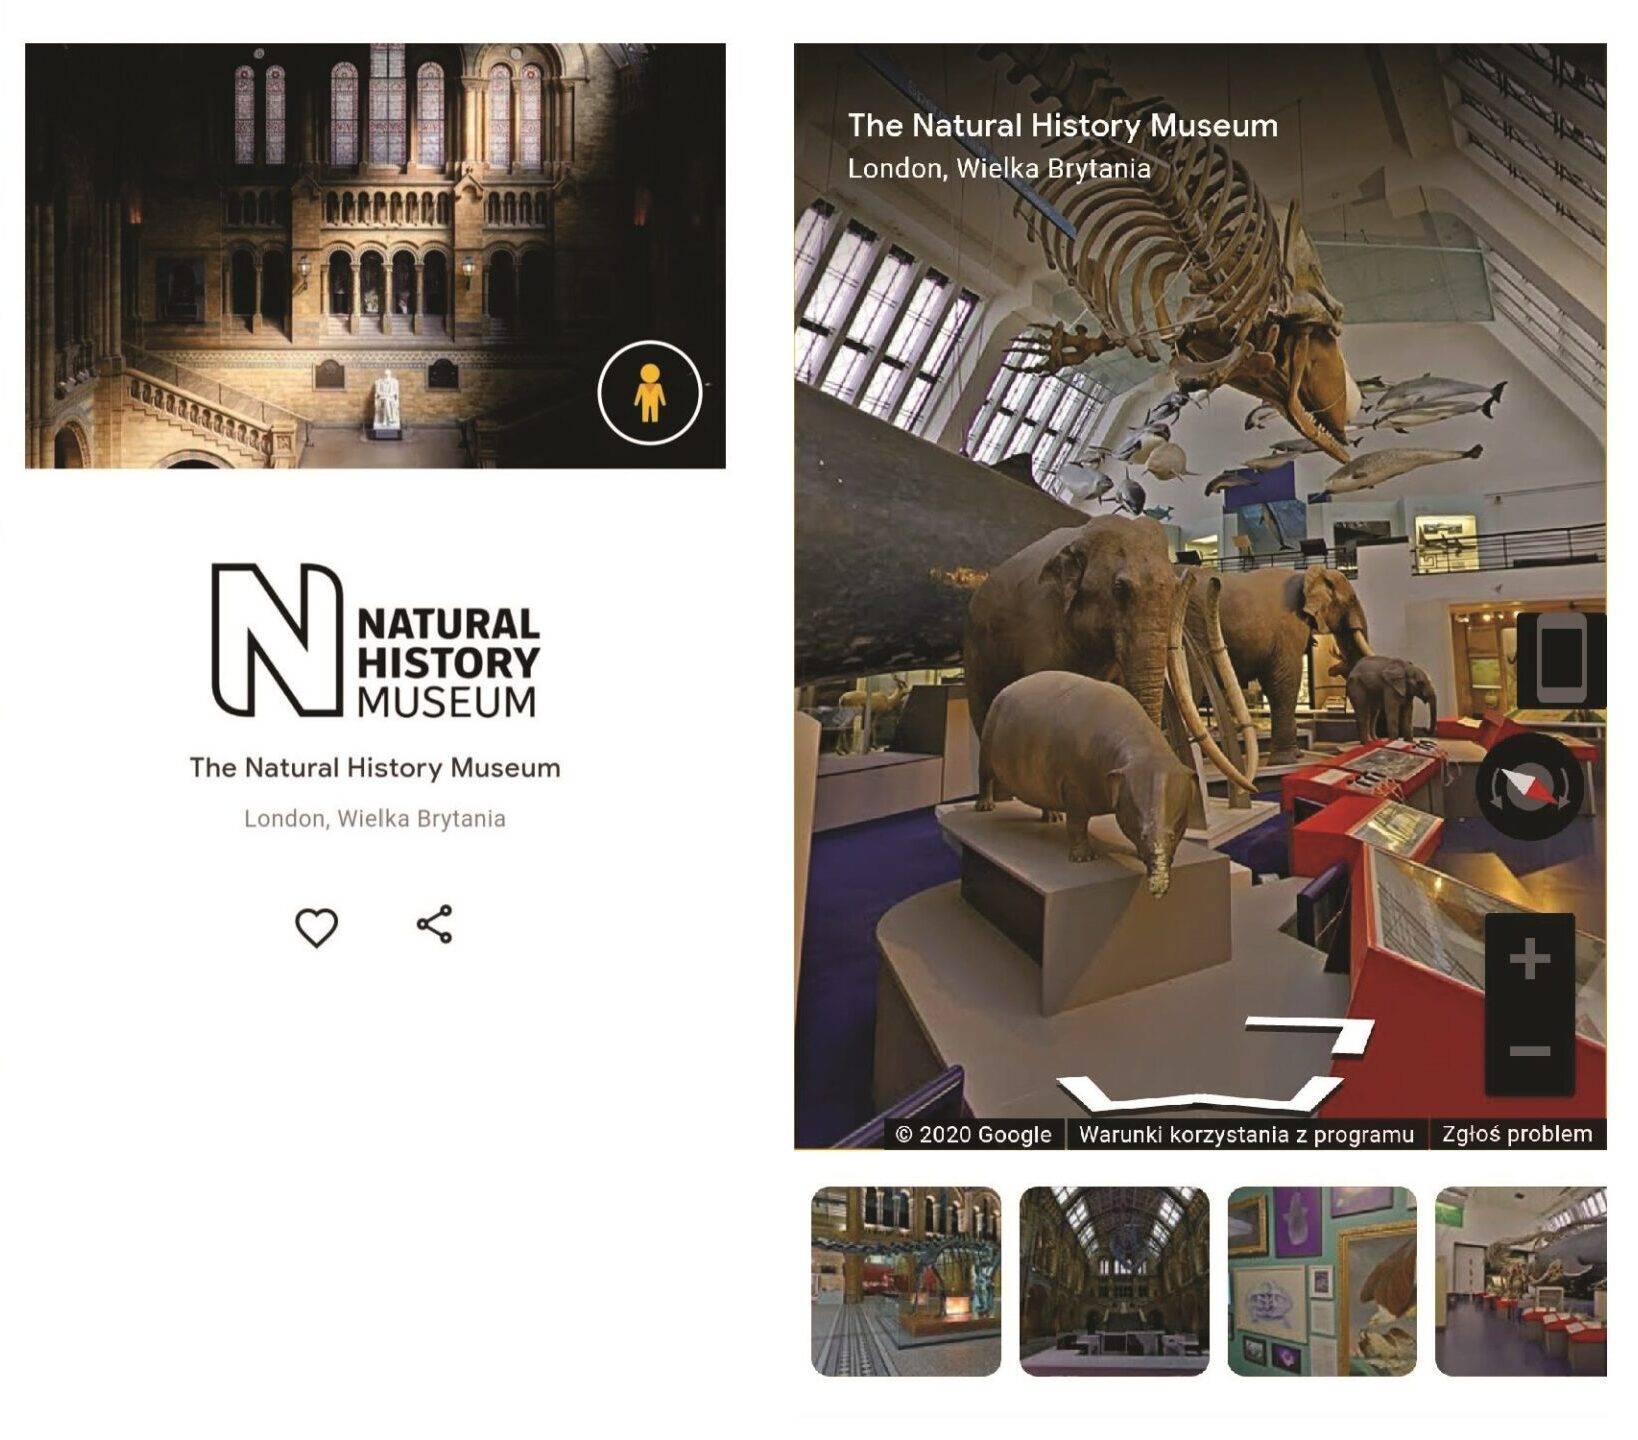 Profil Muzeum Historii Naturalnej w Londynie